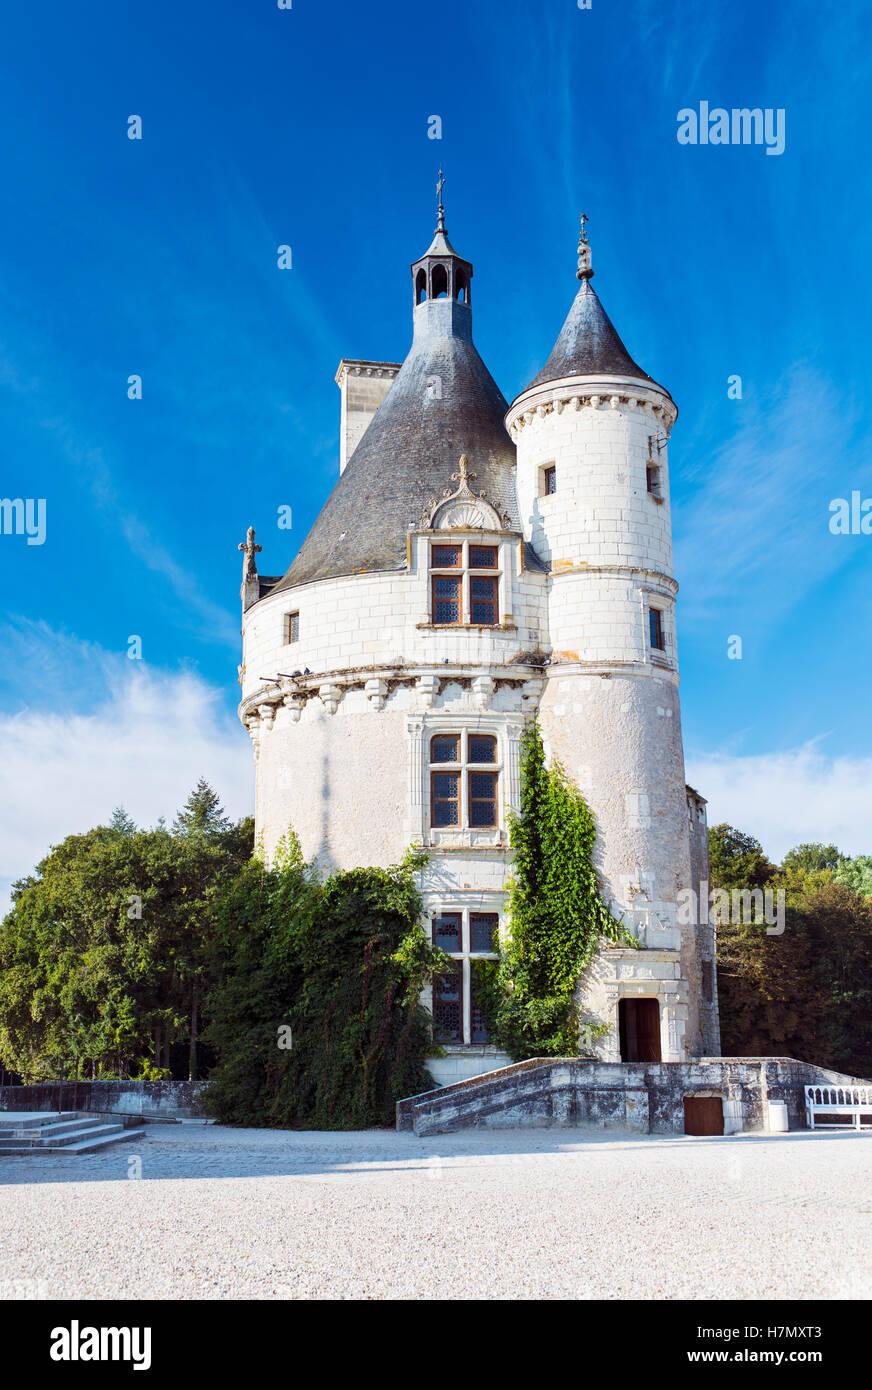 El castillo original mantener al Château de Chenonceau, cerca del pueblo de Chenonceaux, en el Valle del Loira Imagen De Stock